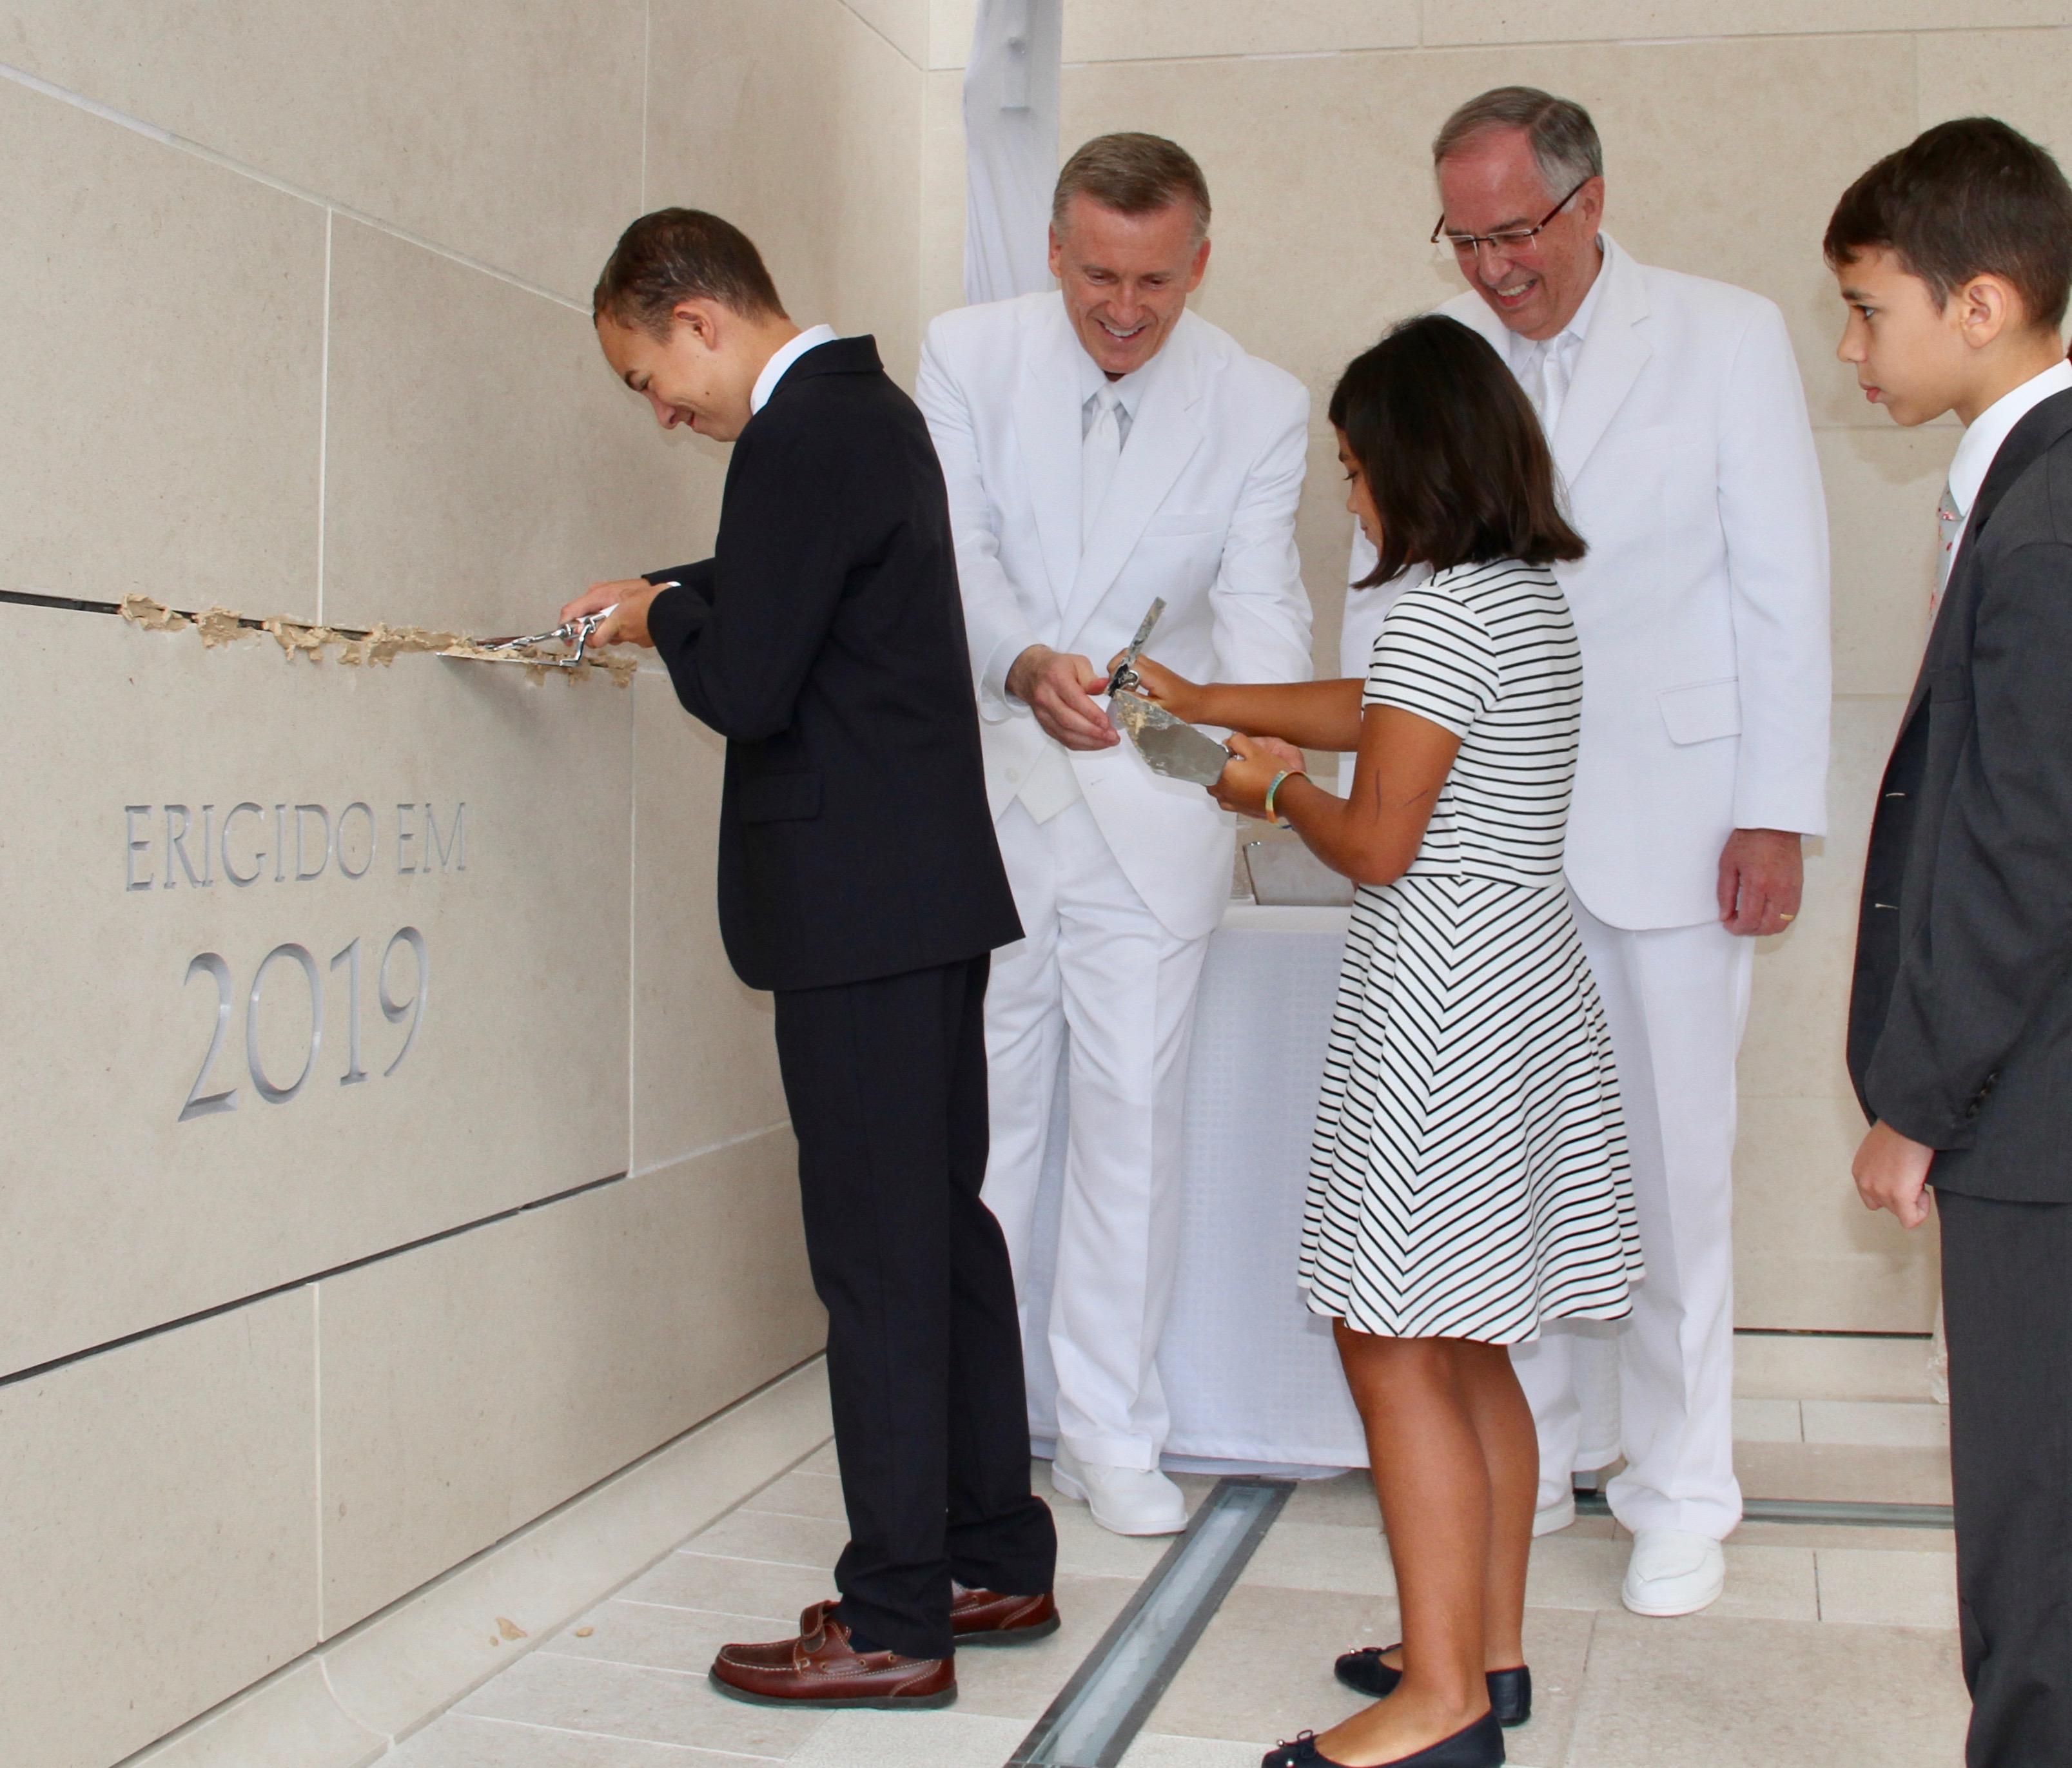 Crianças participam da cerimônia de colocação da pedra angular na dedicação do Templo de Lisboa Portugal no domingo, 15 de setembro de 2019, recebem ajuda do élder Kevin R. Duncan, atrás à esquerda, e do élder Neil L. Andersen, atrás à direita.